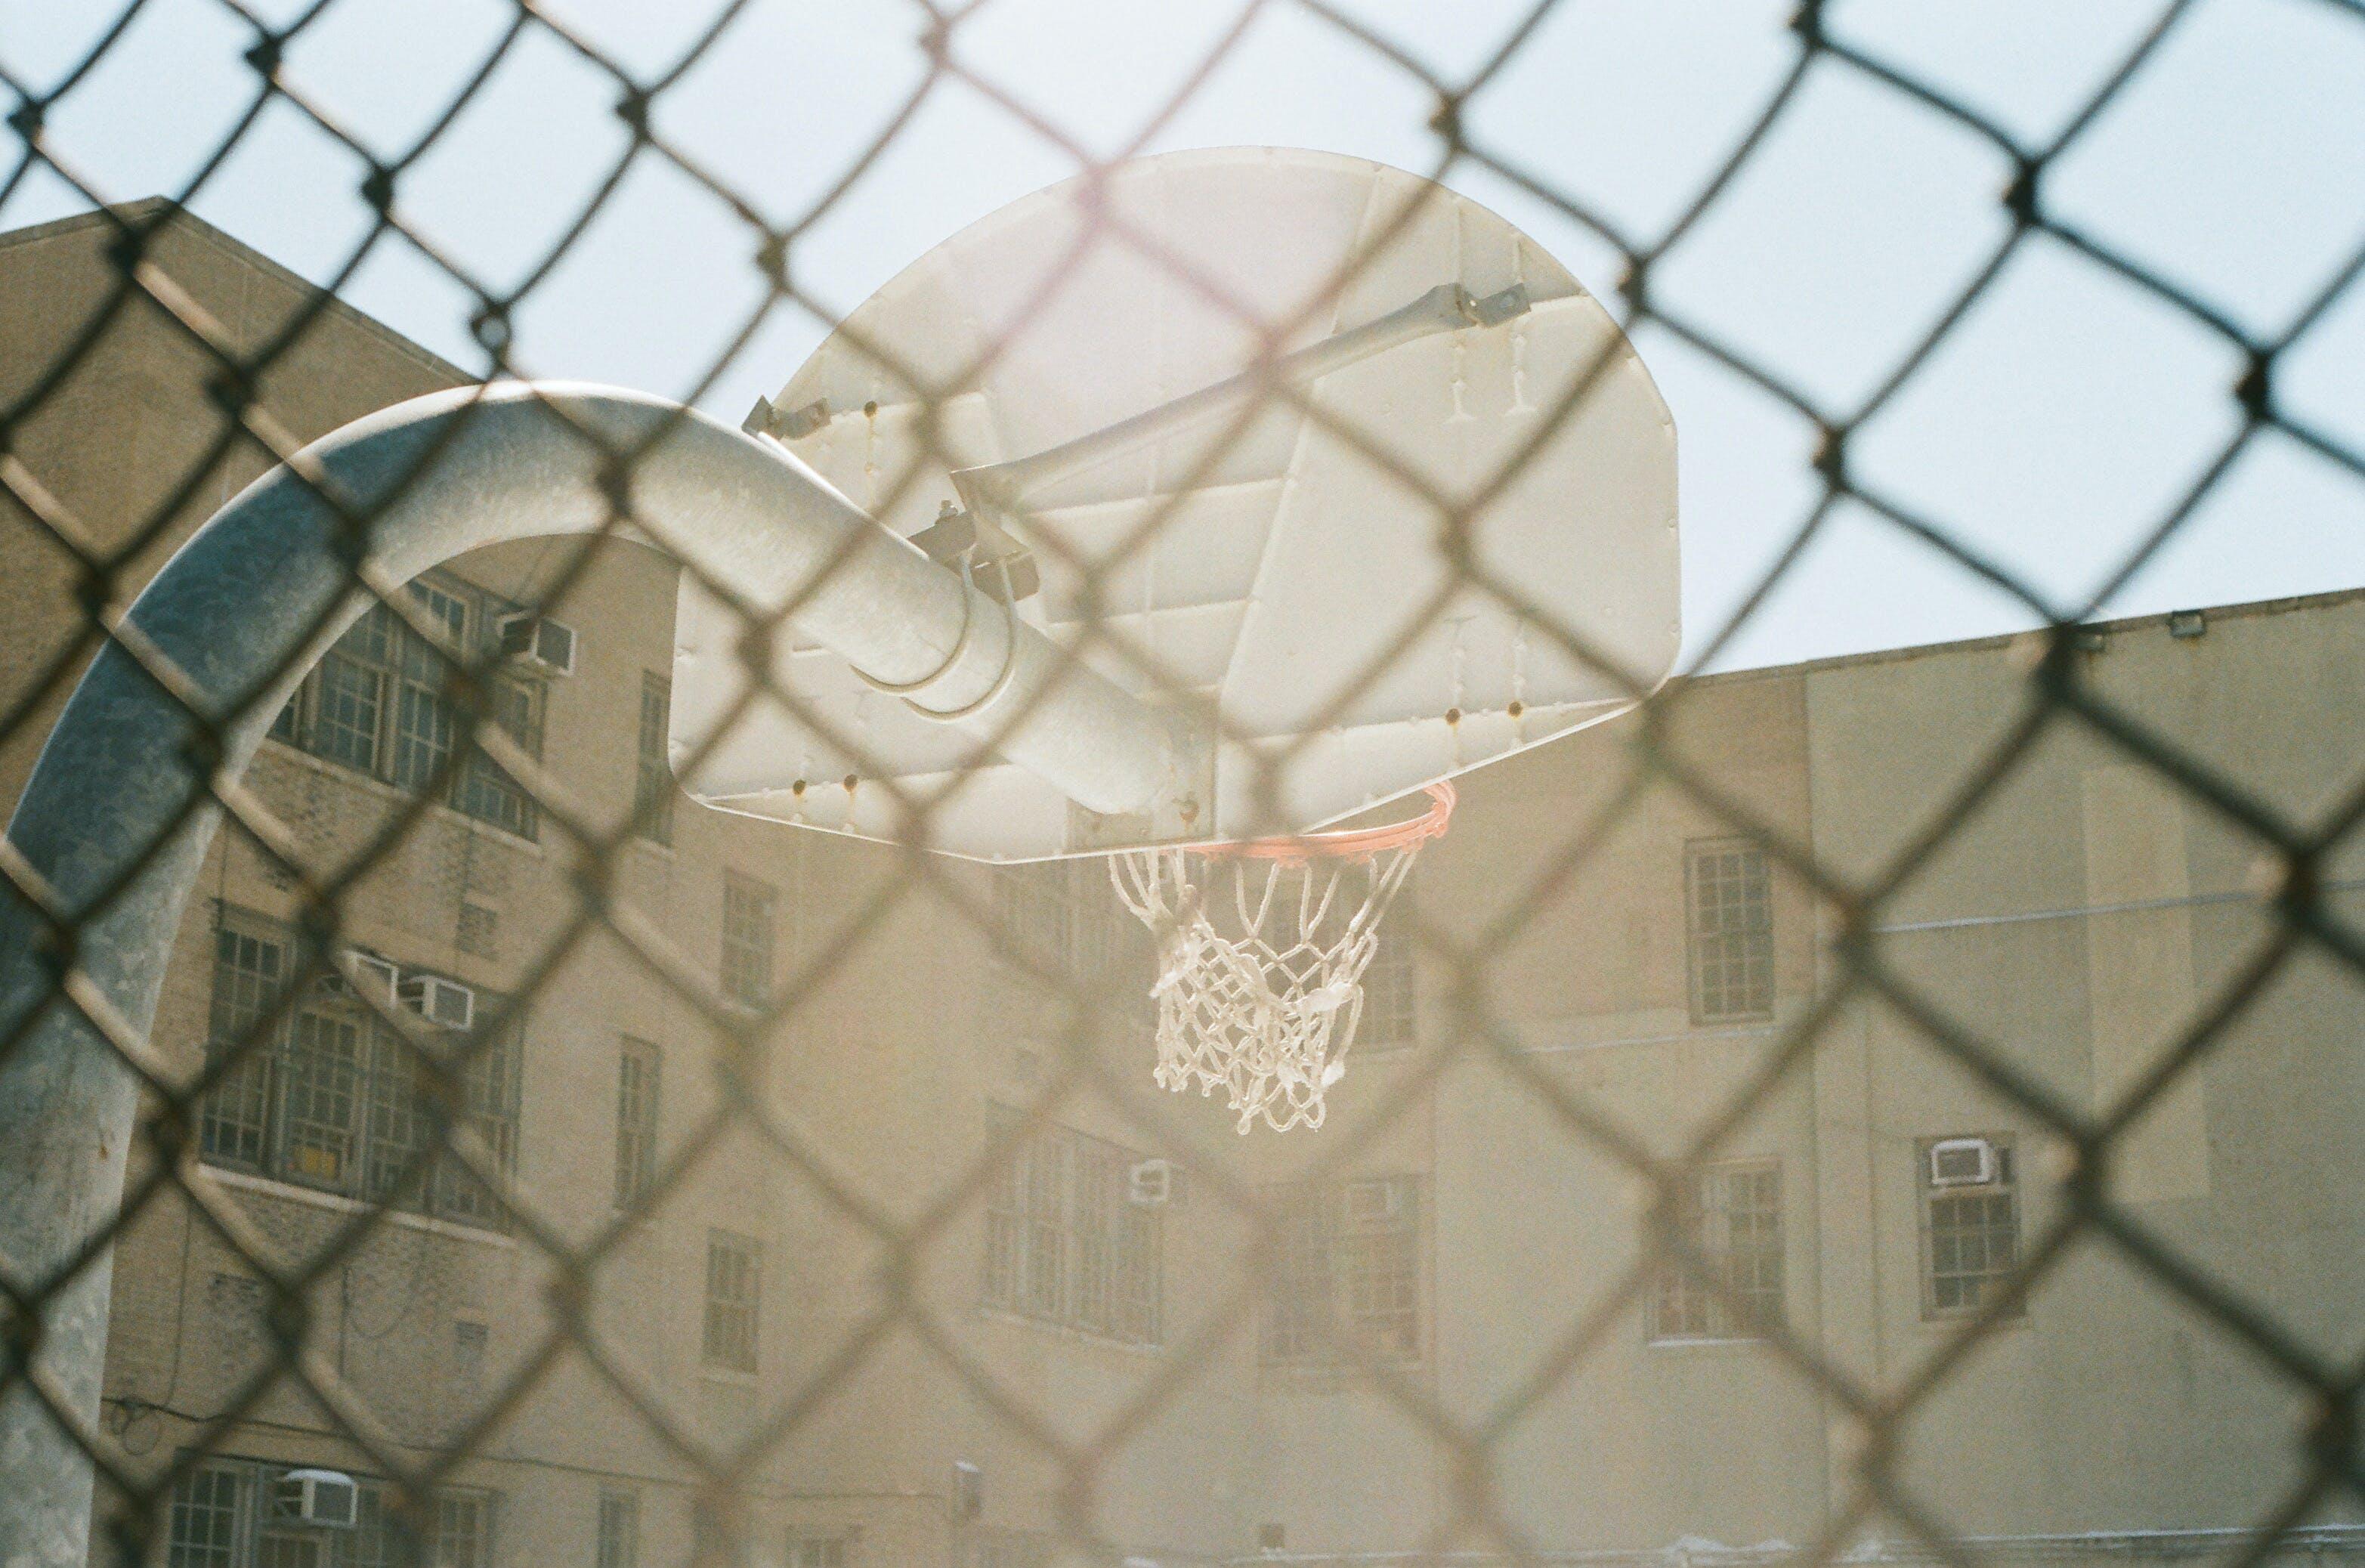 Gratis lagerfoto af barriere, basketball, basketballbane, basketballkurv